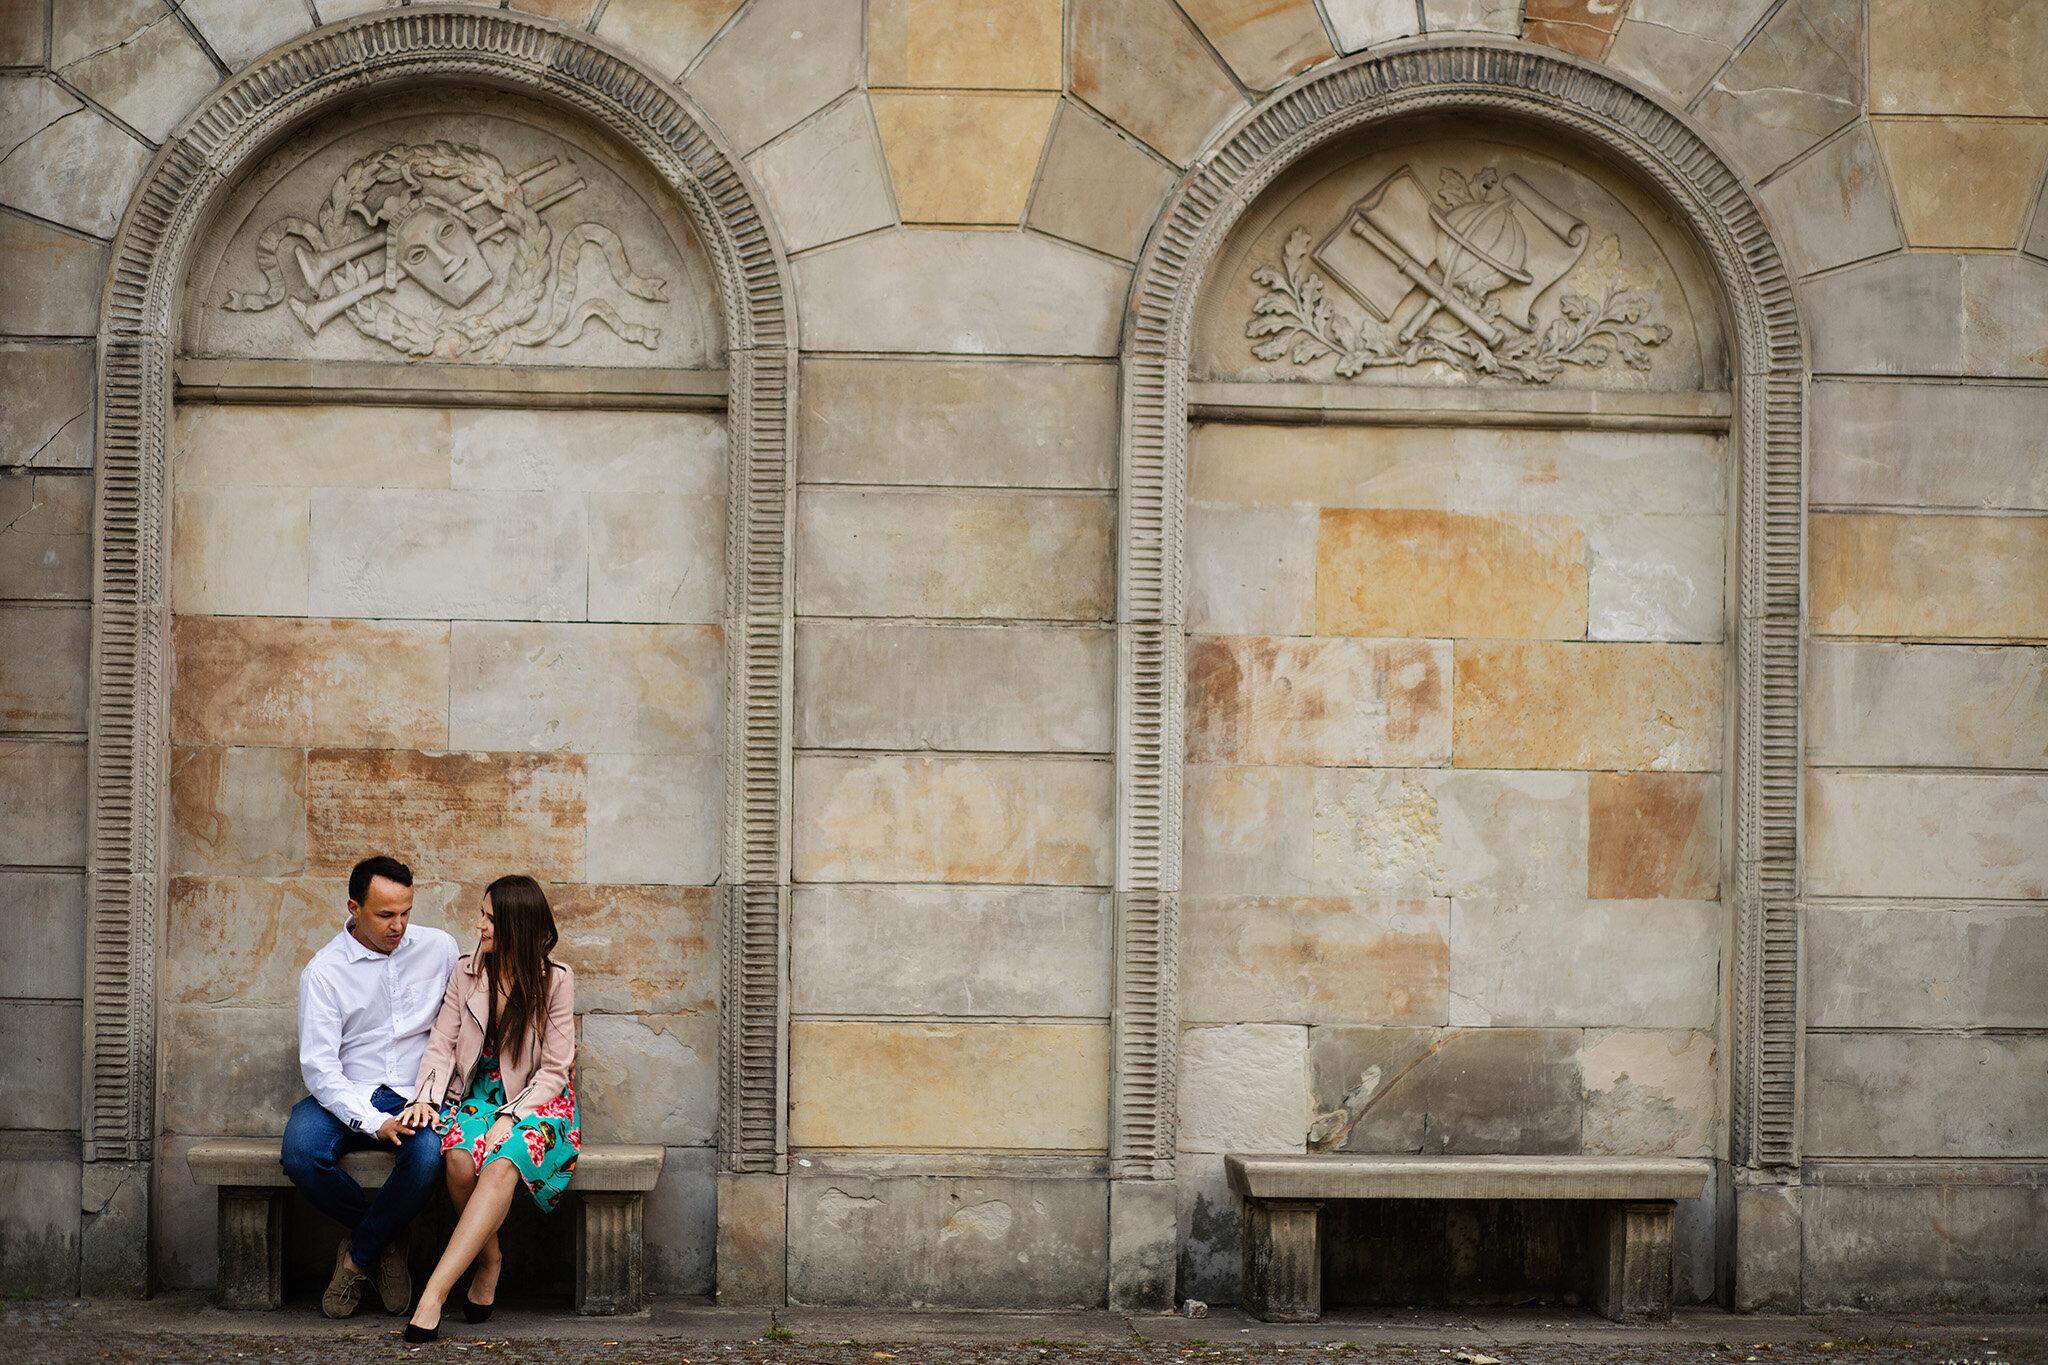 23_Magda i Grzesiek_obrobione.jpg